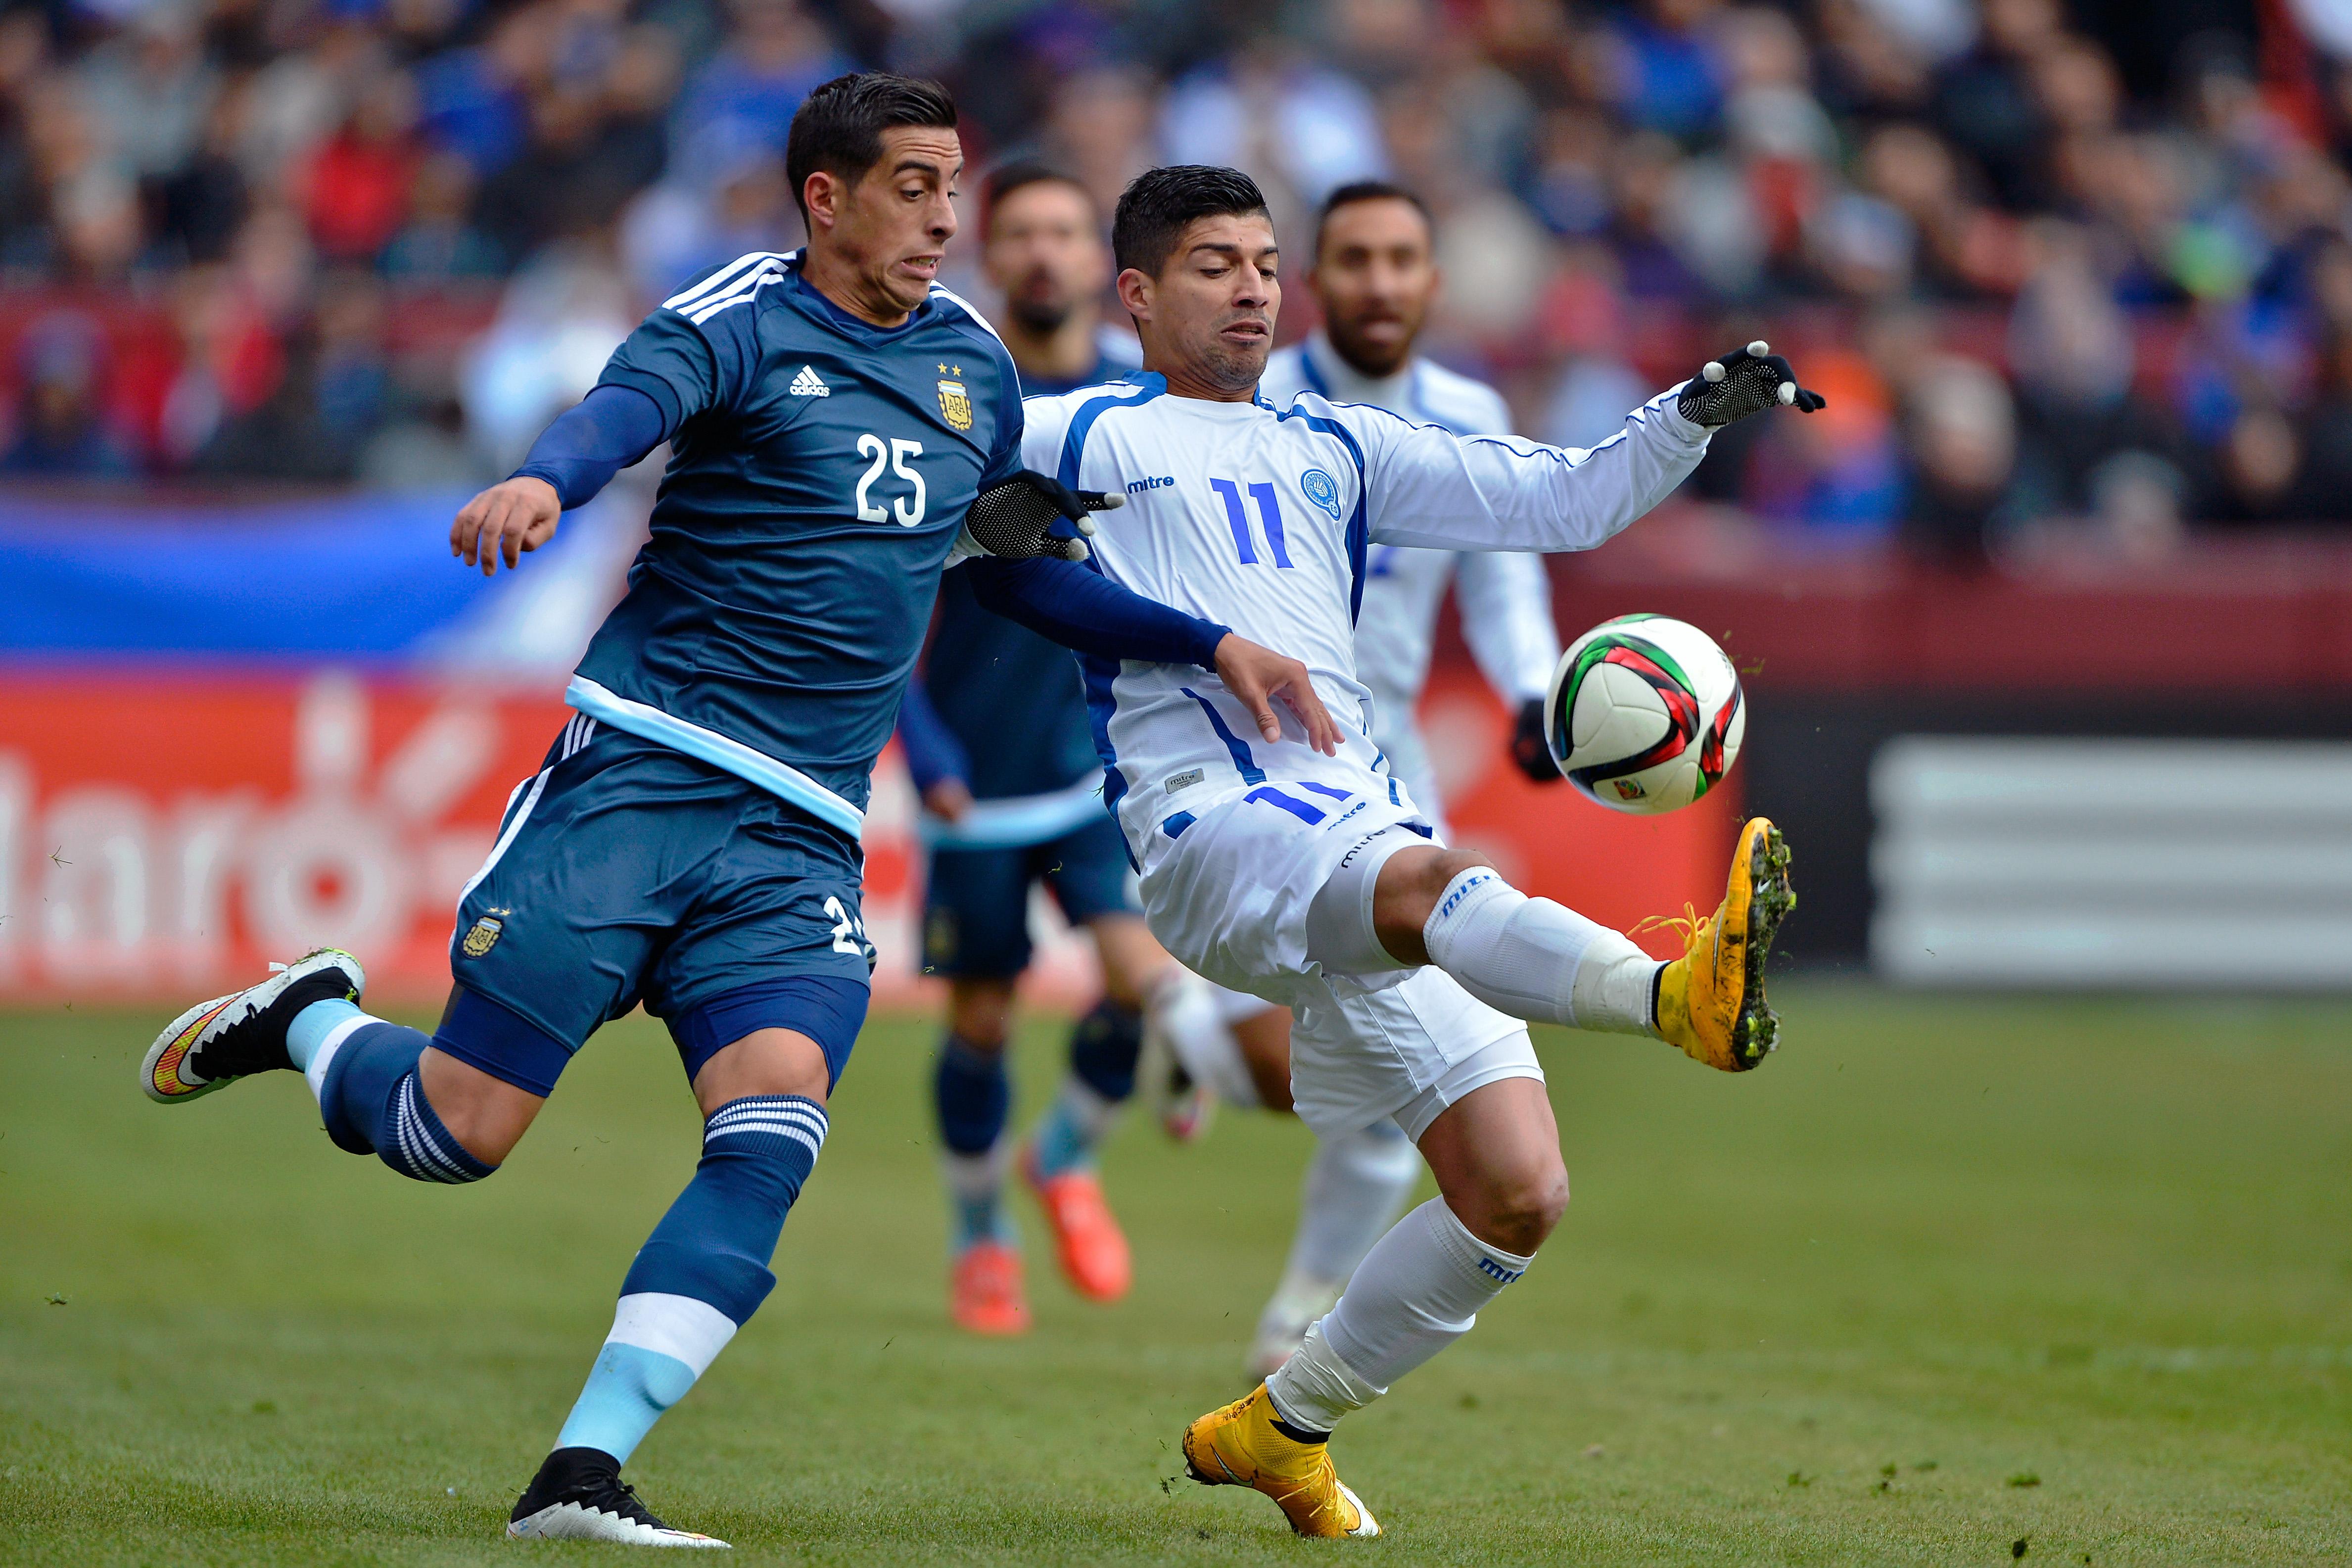 Soccer: Argentina vs El Salvador